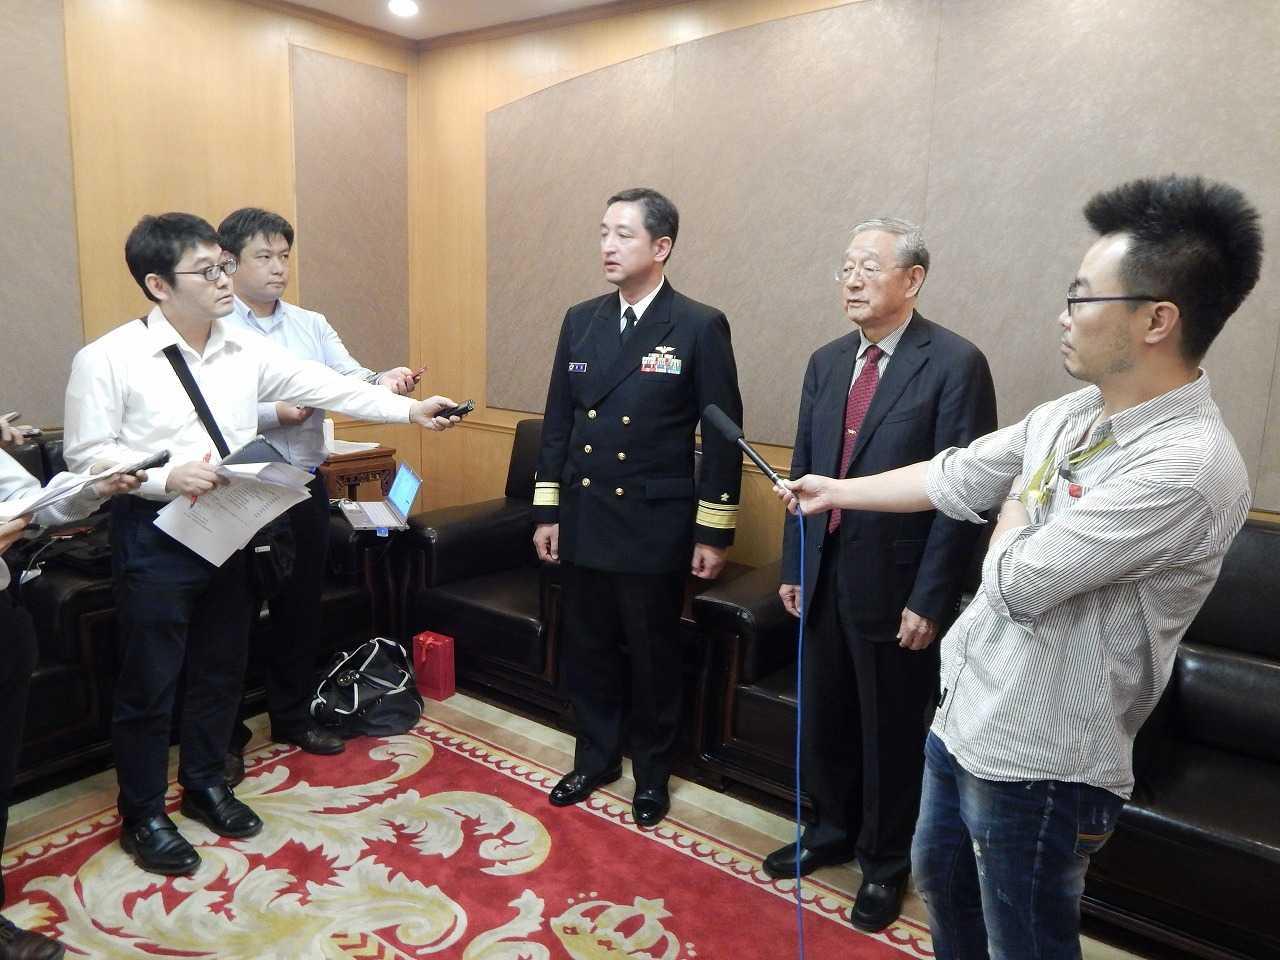 (画像)中国国際戦略学会で、記者団の質問に答える真殿知彦団長(中央)と龔顕福副会長